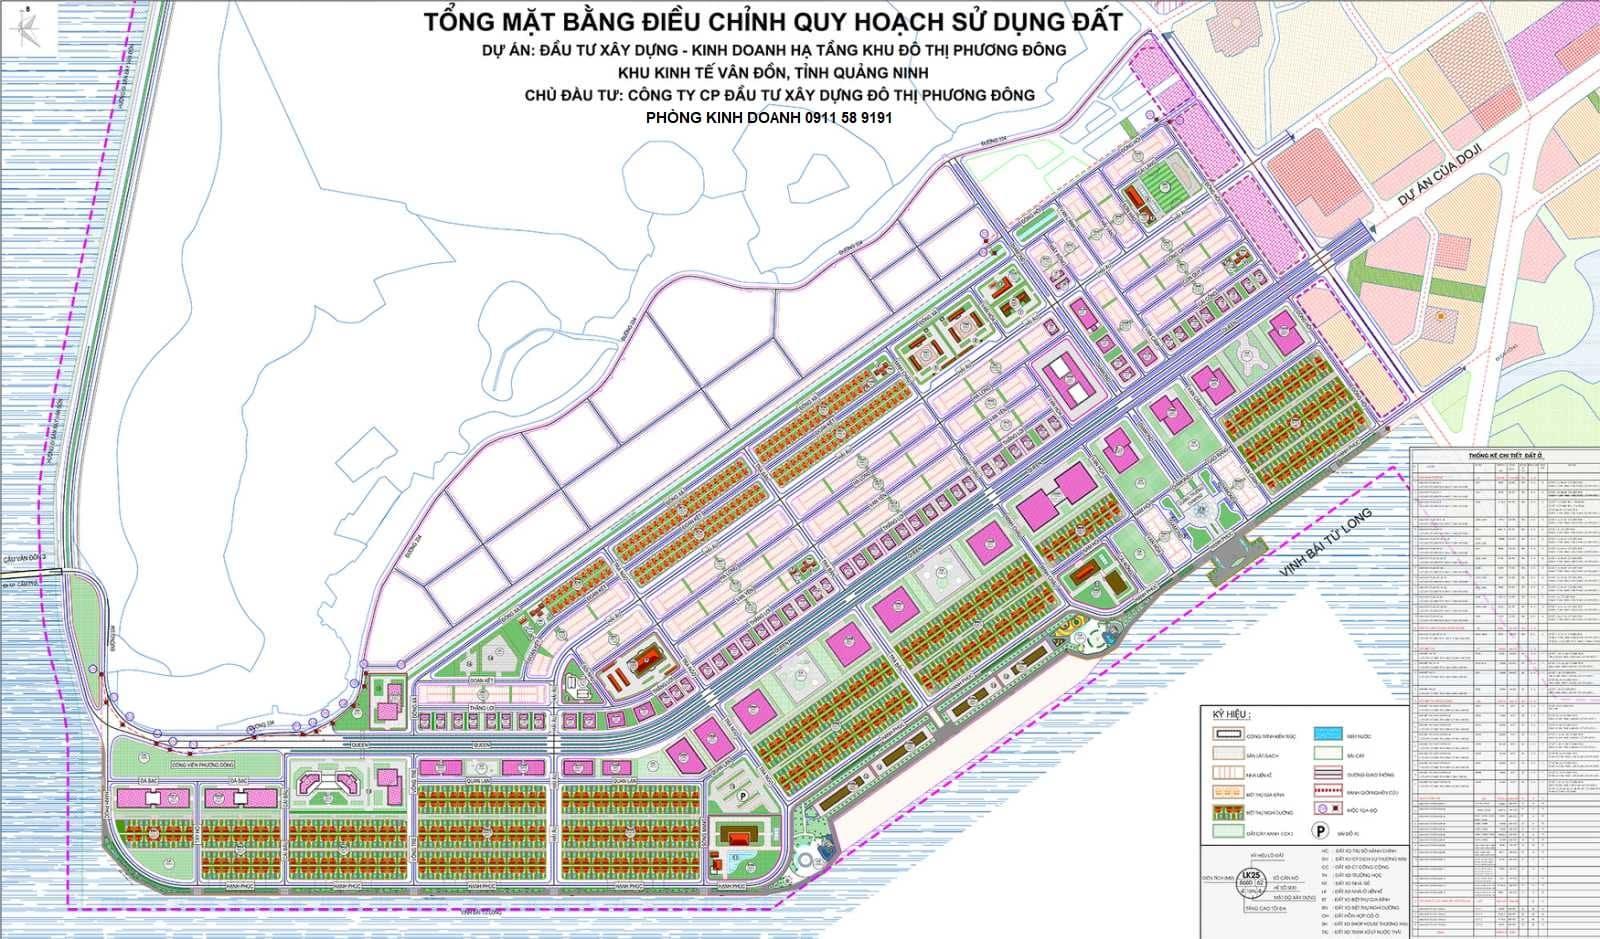 Tổng mặt bằng điều chỉnh quy hoạch sử dụng đất dự án Phương Đông Vân Đồn